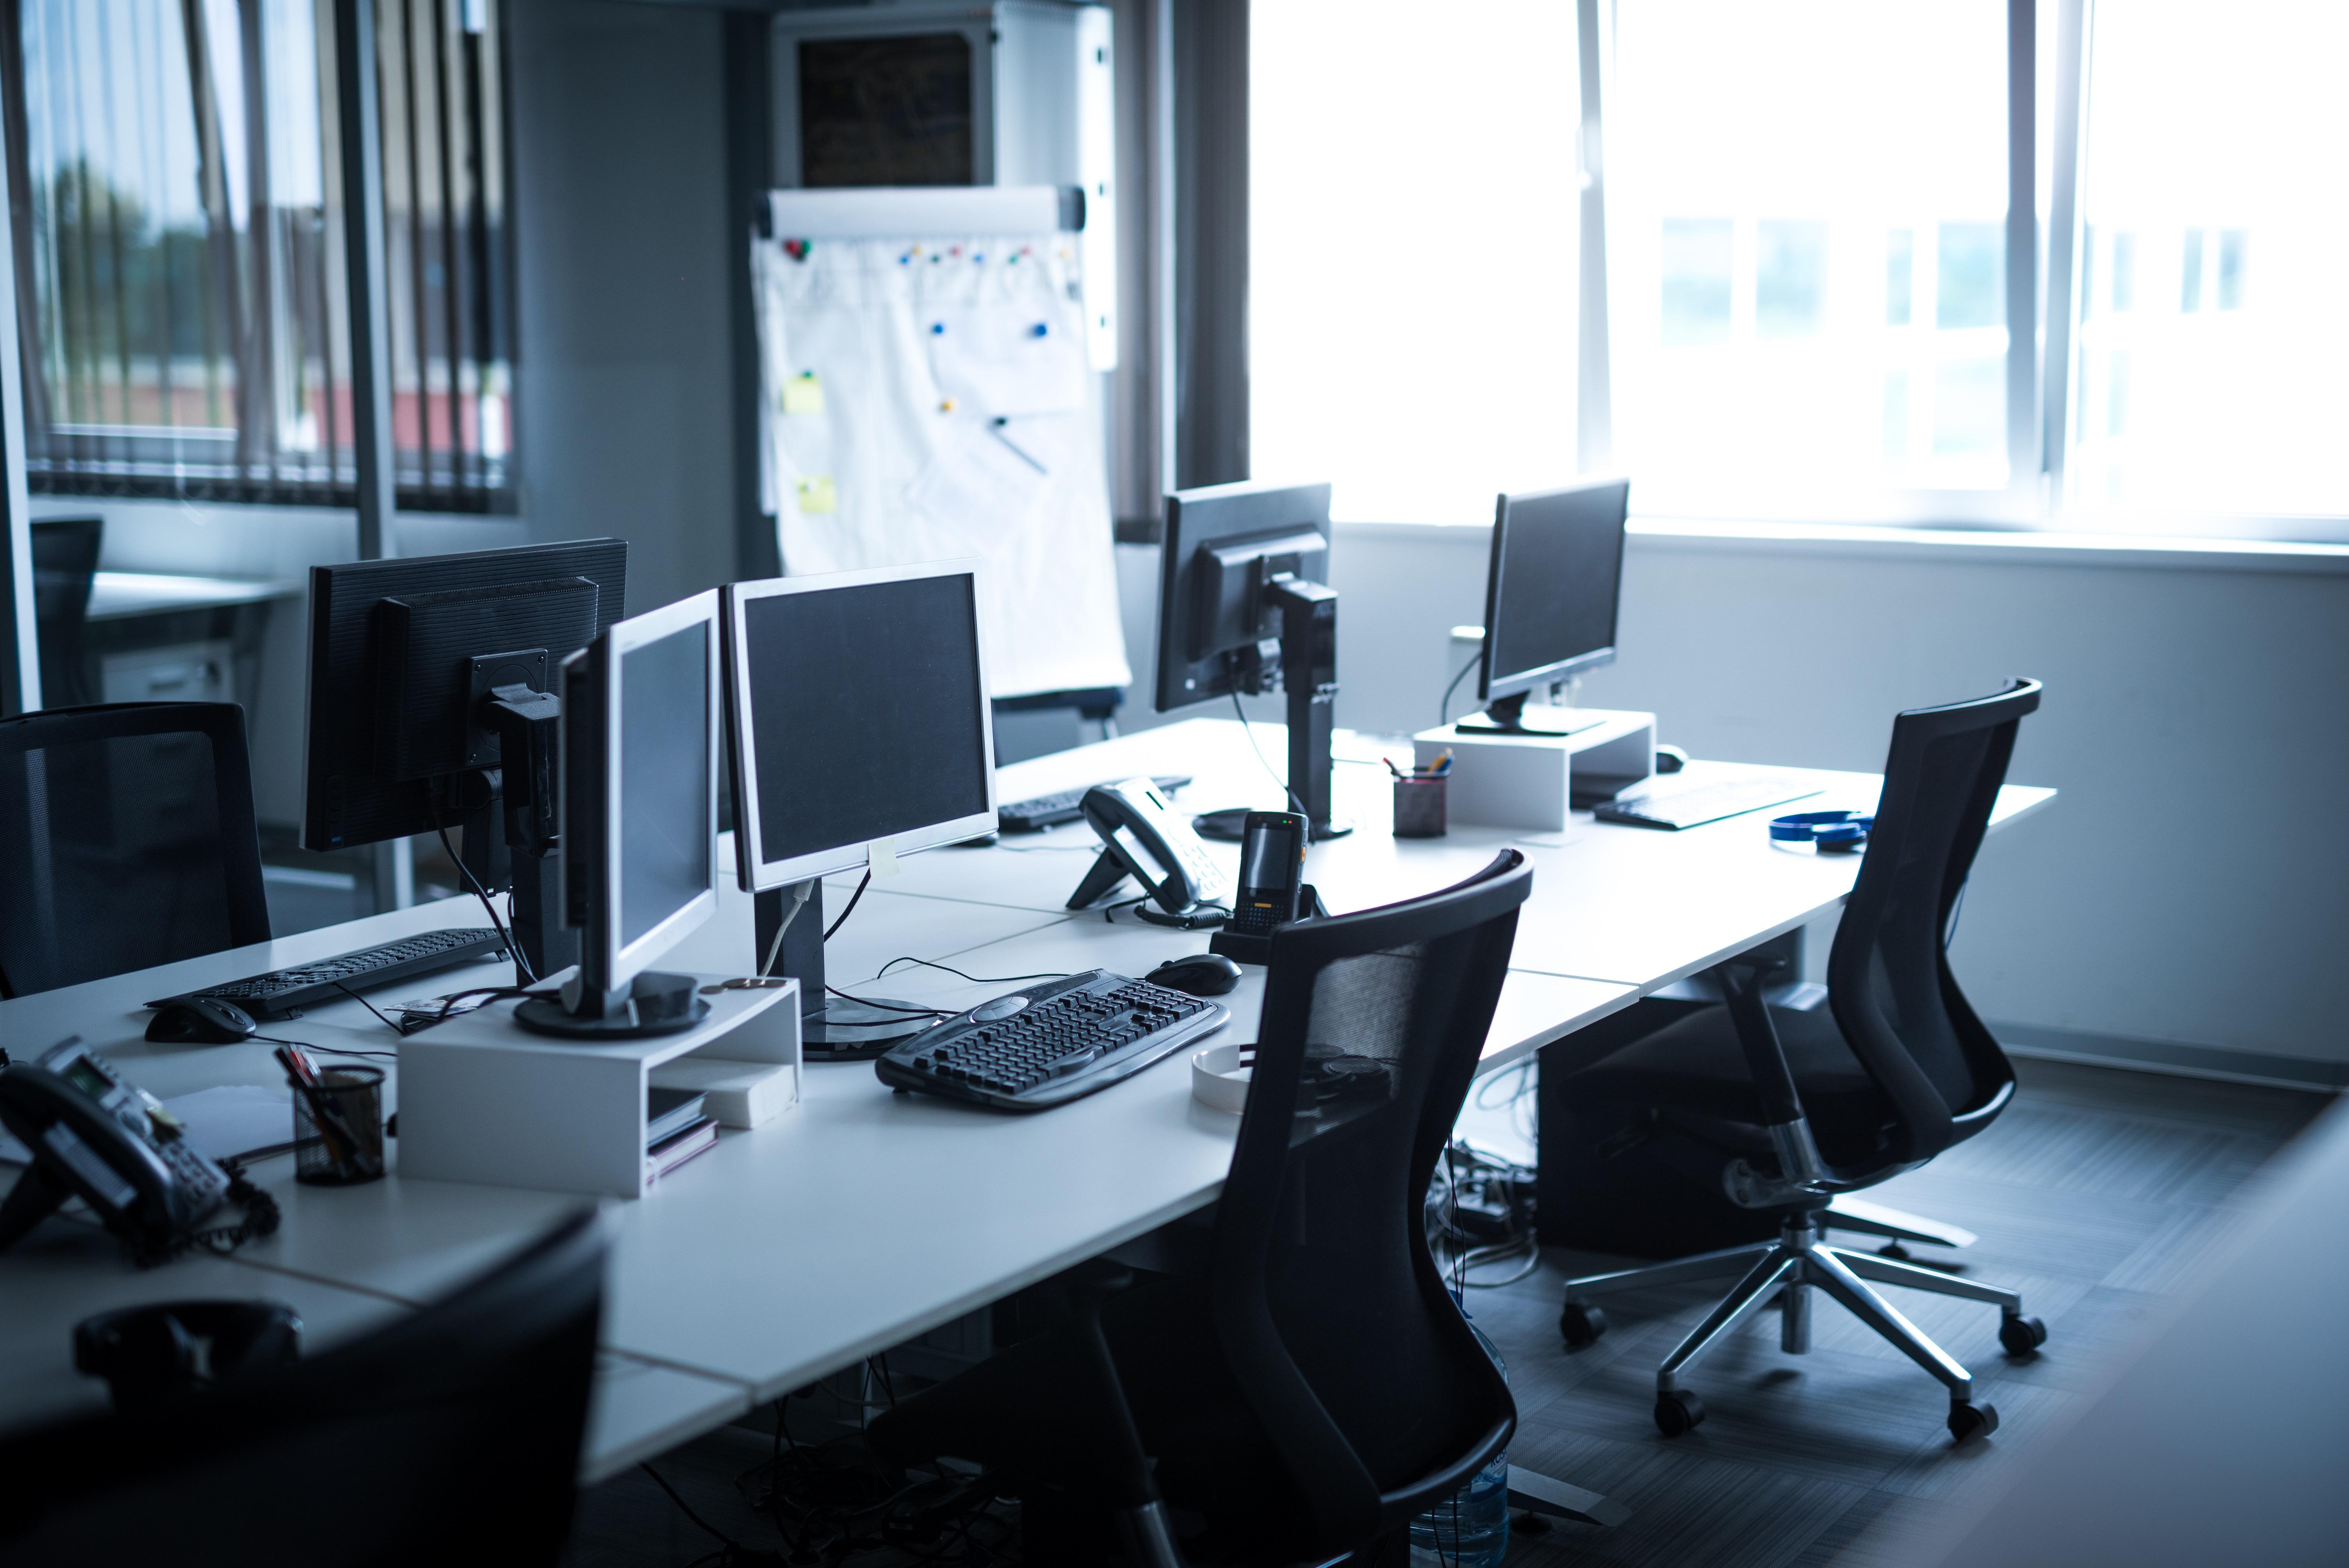 shutterstock_empty office